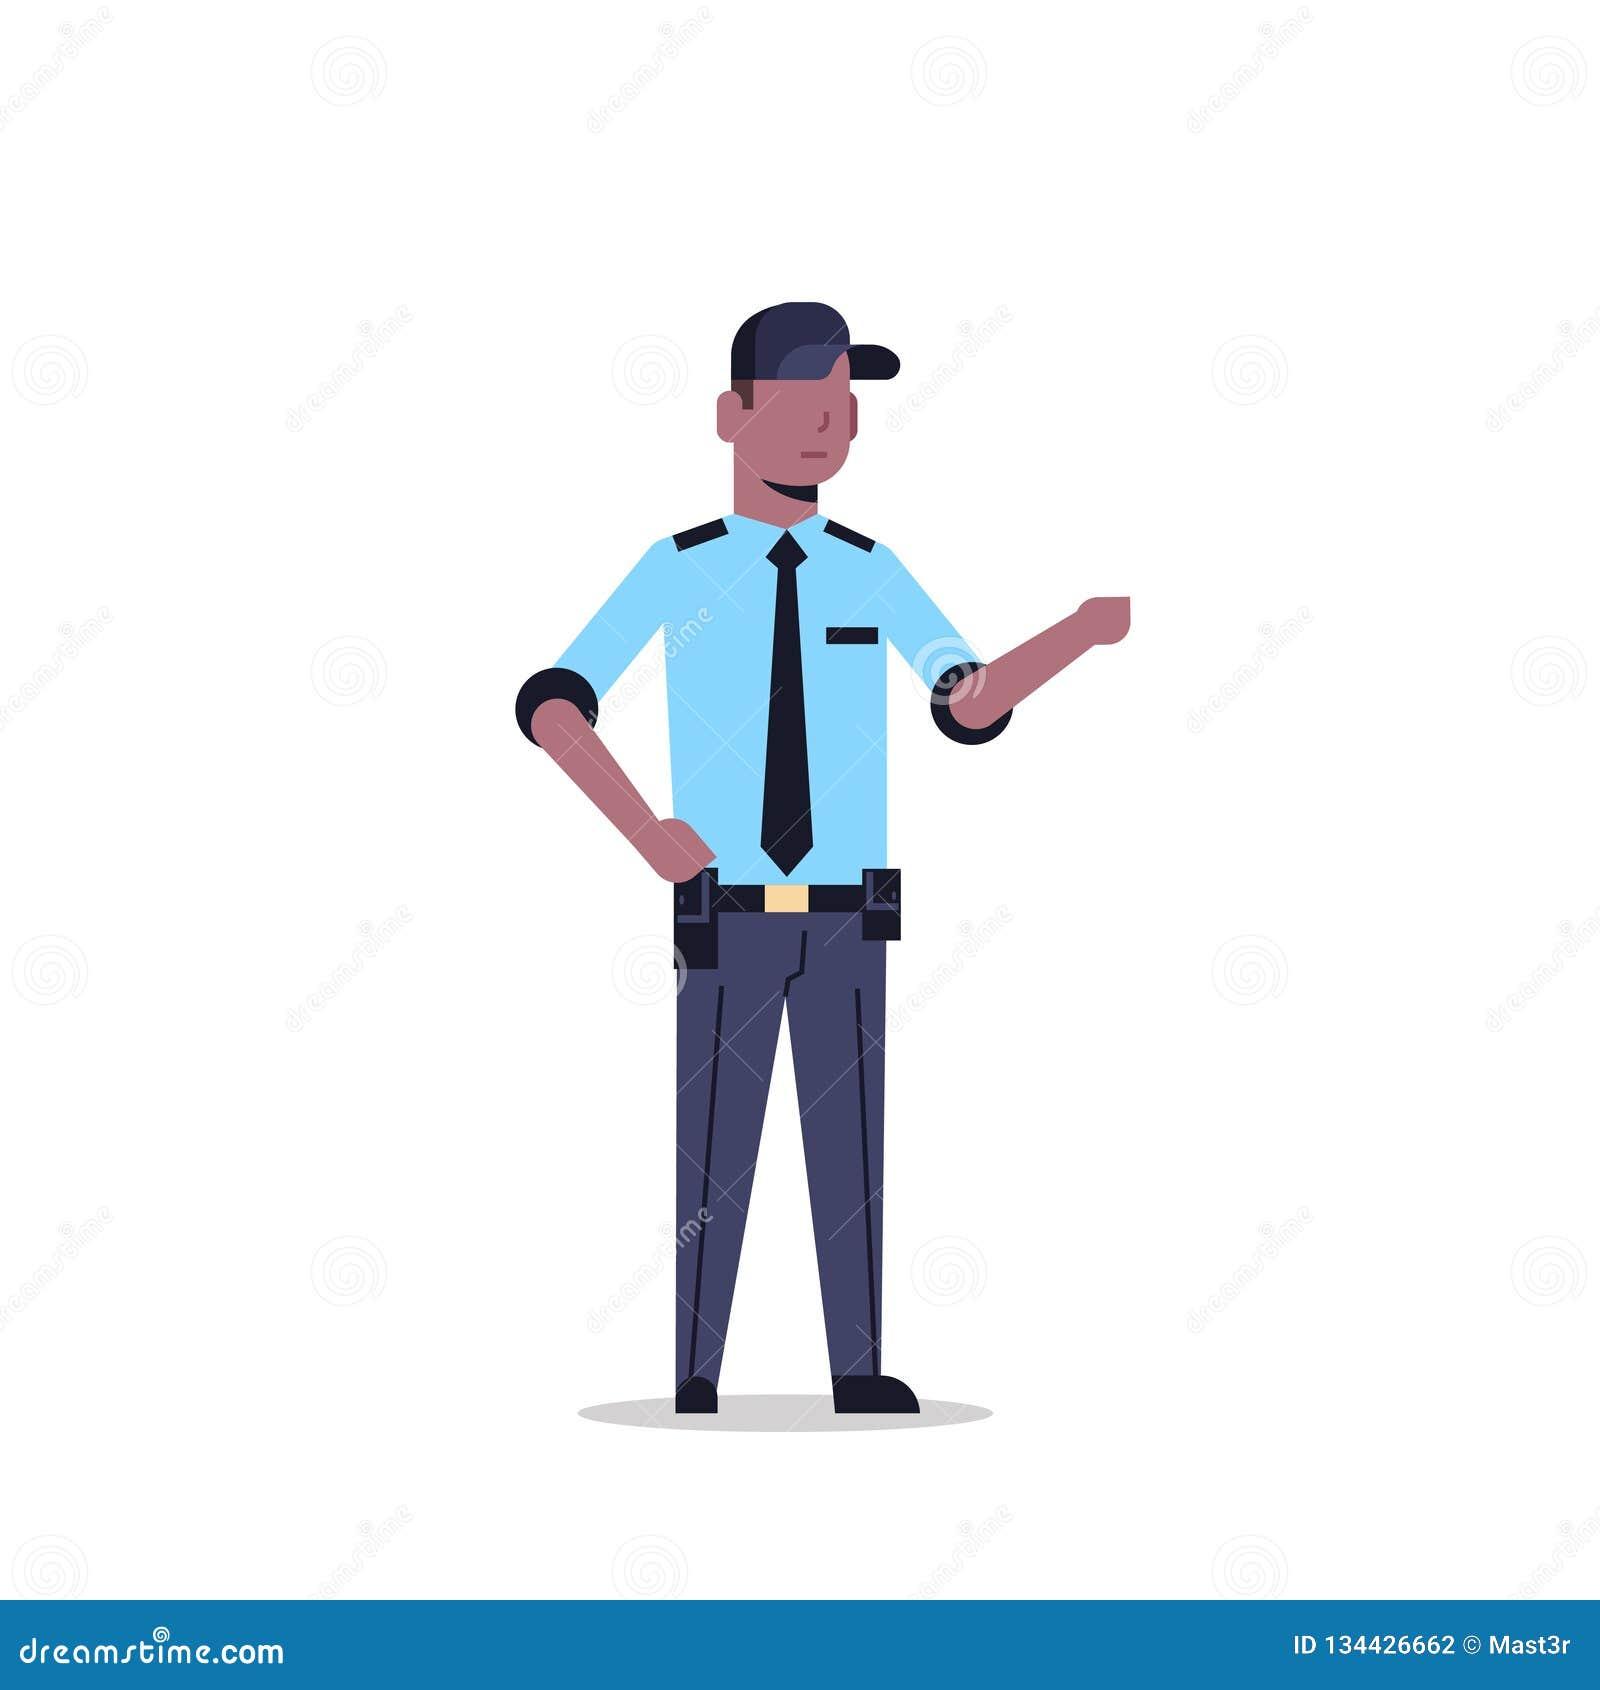 Афро-американский человек охранника в равномерном пункте к что-то персонаж из мультфильма полицейского мужской во всю длину плоск